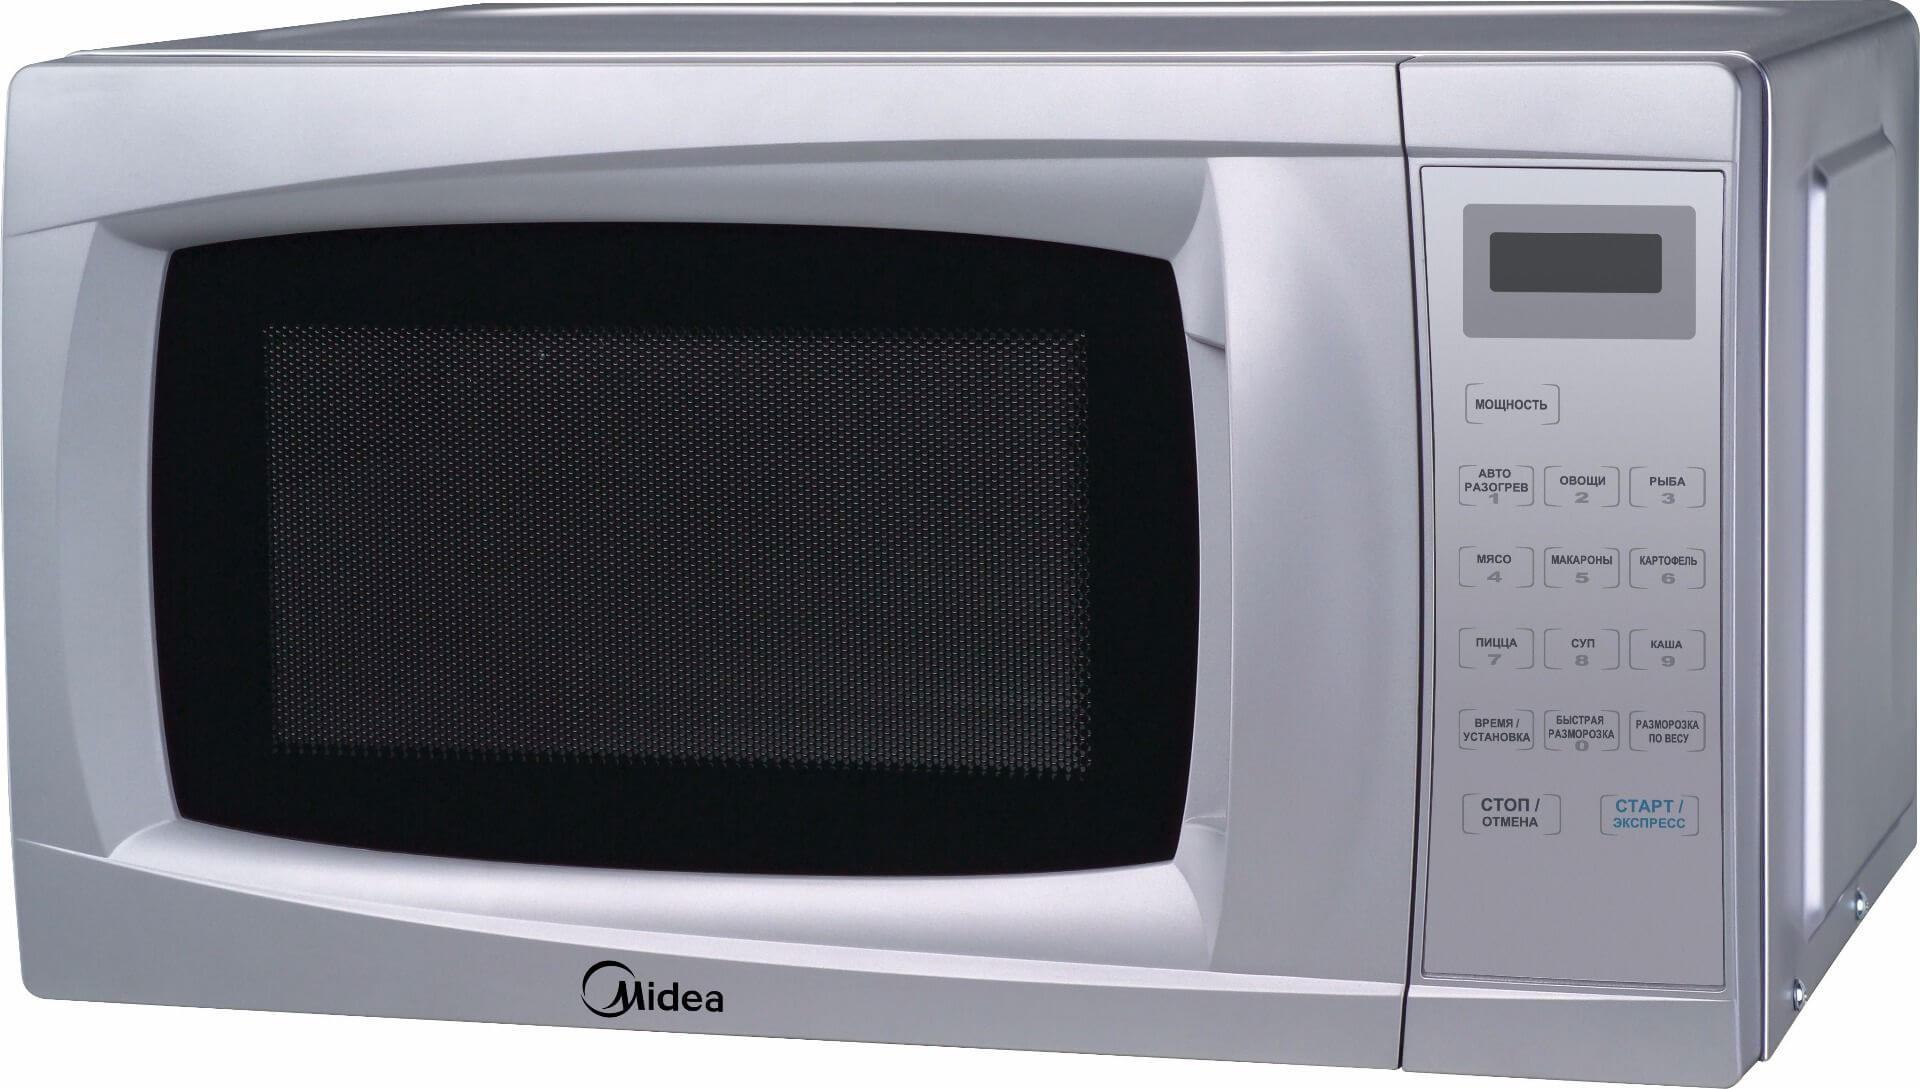 Микроволновая печь Midea EM720CKL-S фото